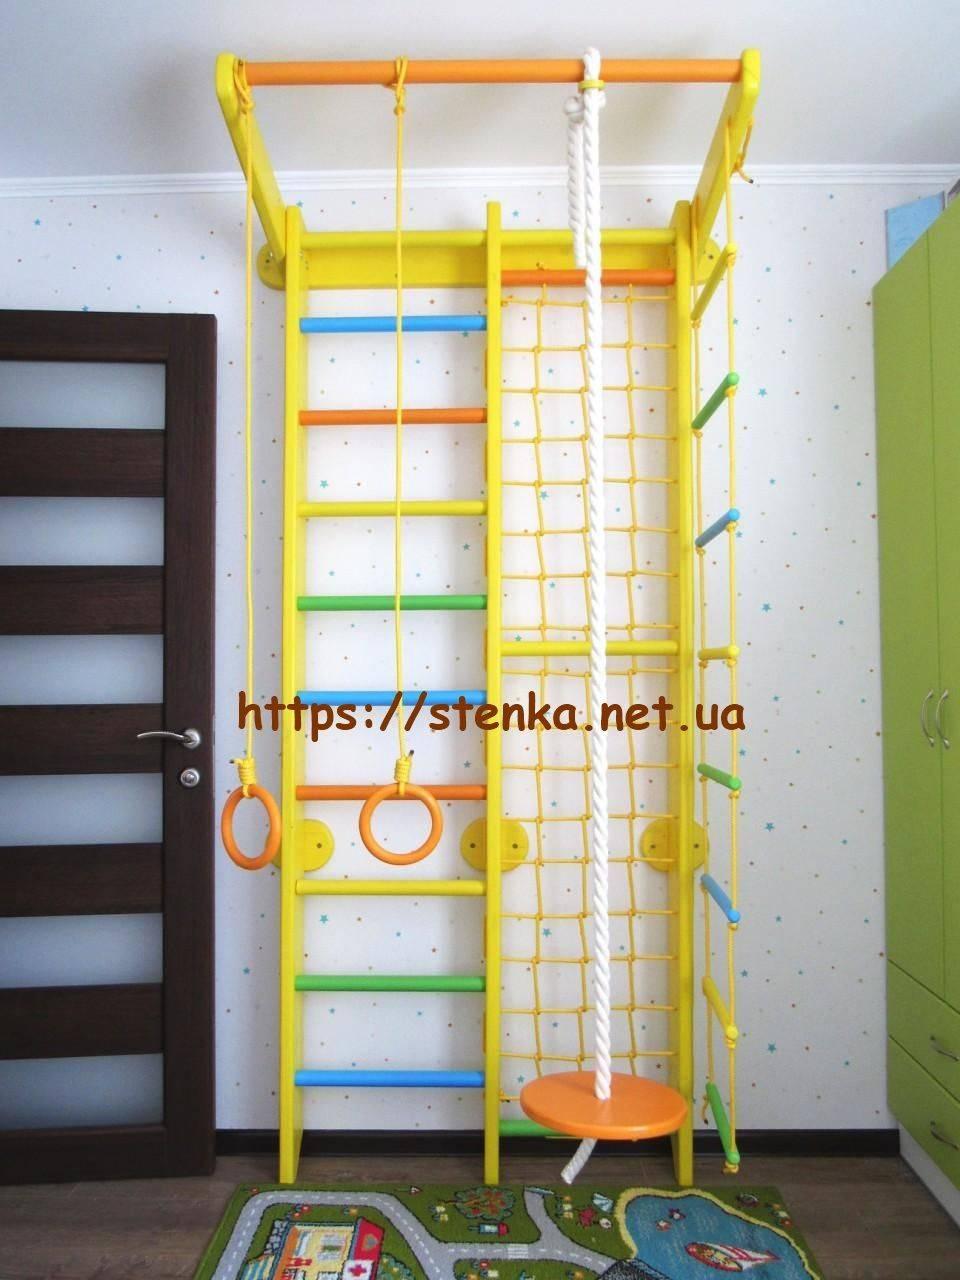 Детская шведская стенка: фото основных разновидностей, конструкций, вариантов и моделей